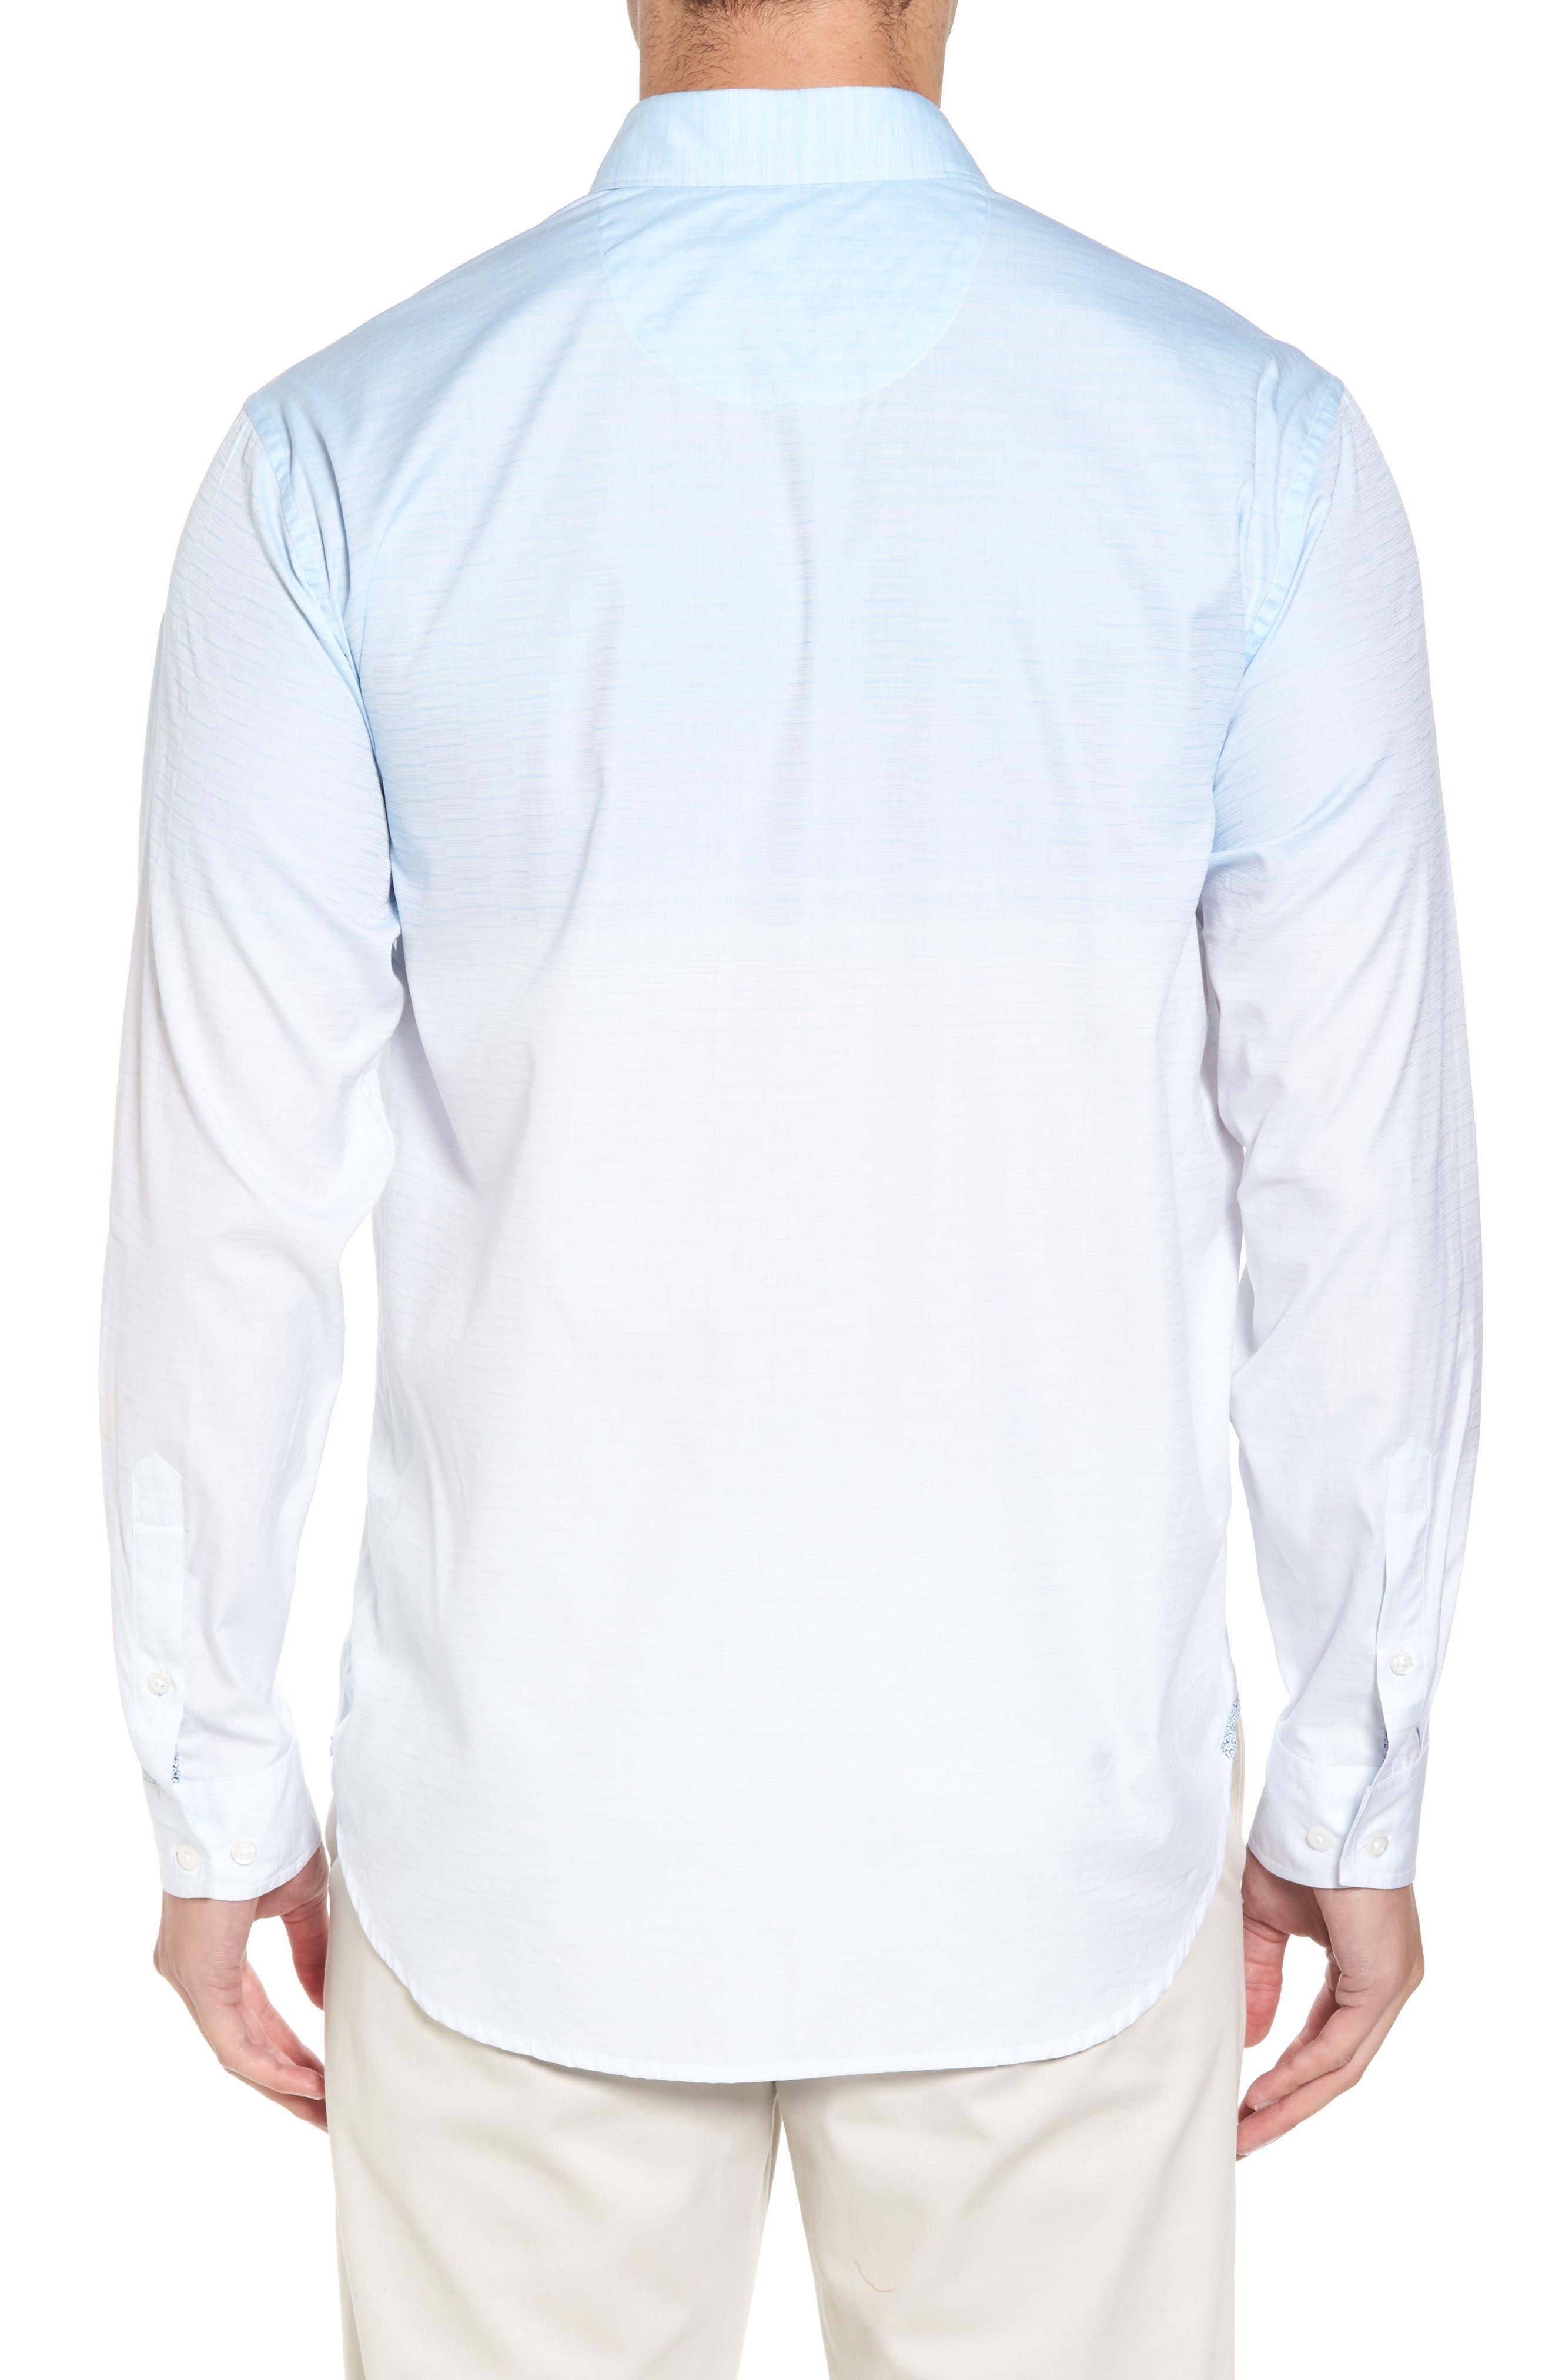 Palm Bay Ombré Sport Shirt,                             Alternate thumbnail 2, color,                             400